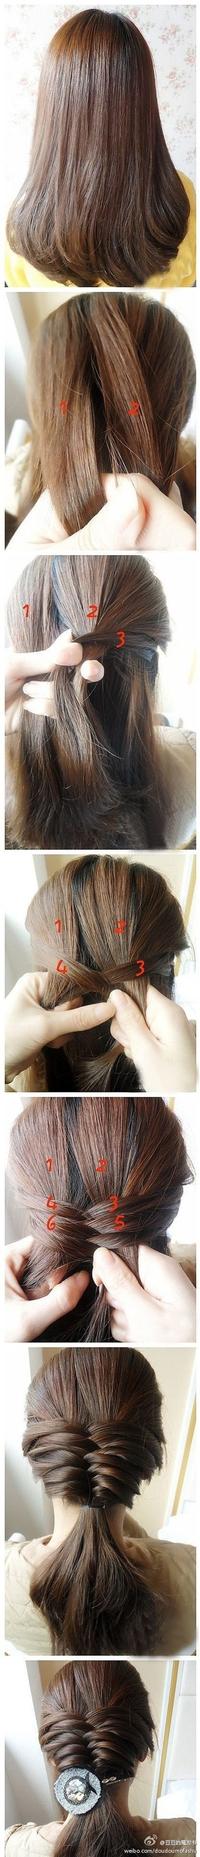 DIY/peinados/mini tutoriales